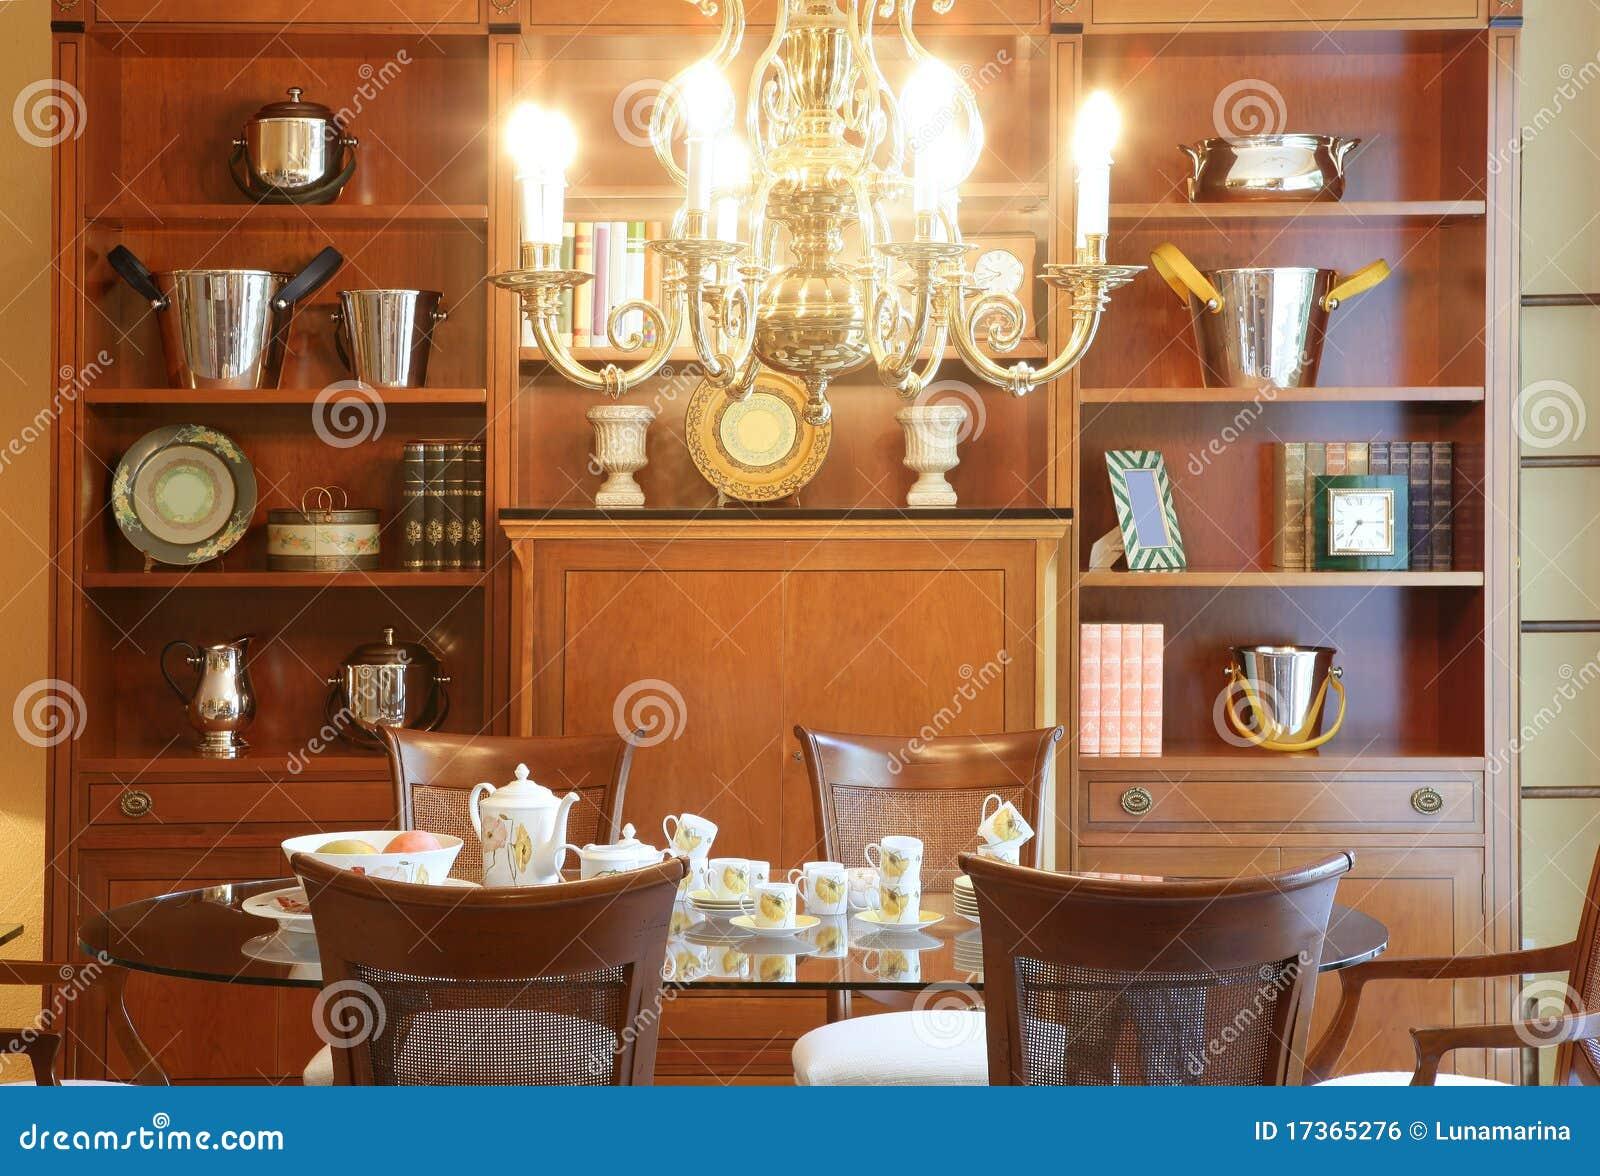 muebles biblioteca de madera imagen de archivo libre de regalas muebles clsicos de madera de with mueble bao clasico